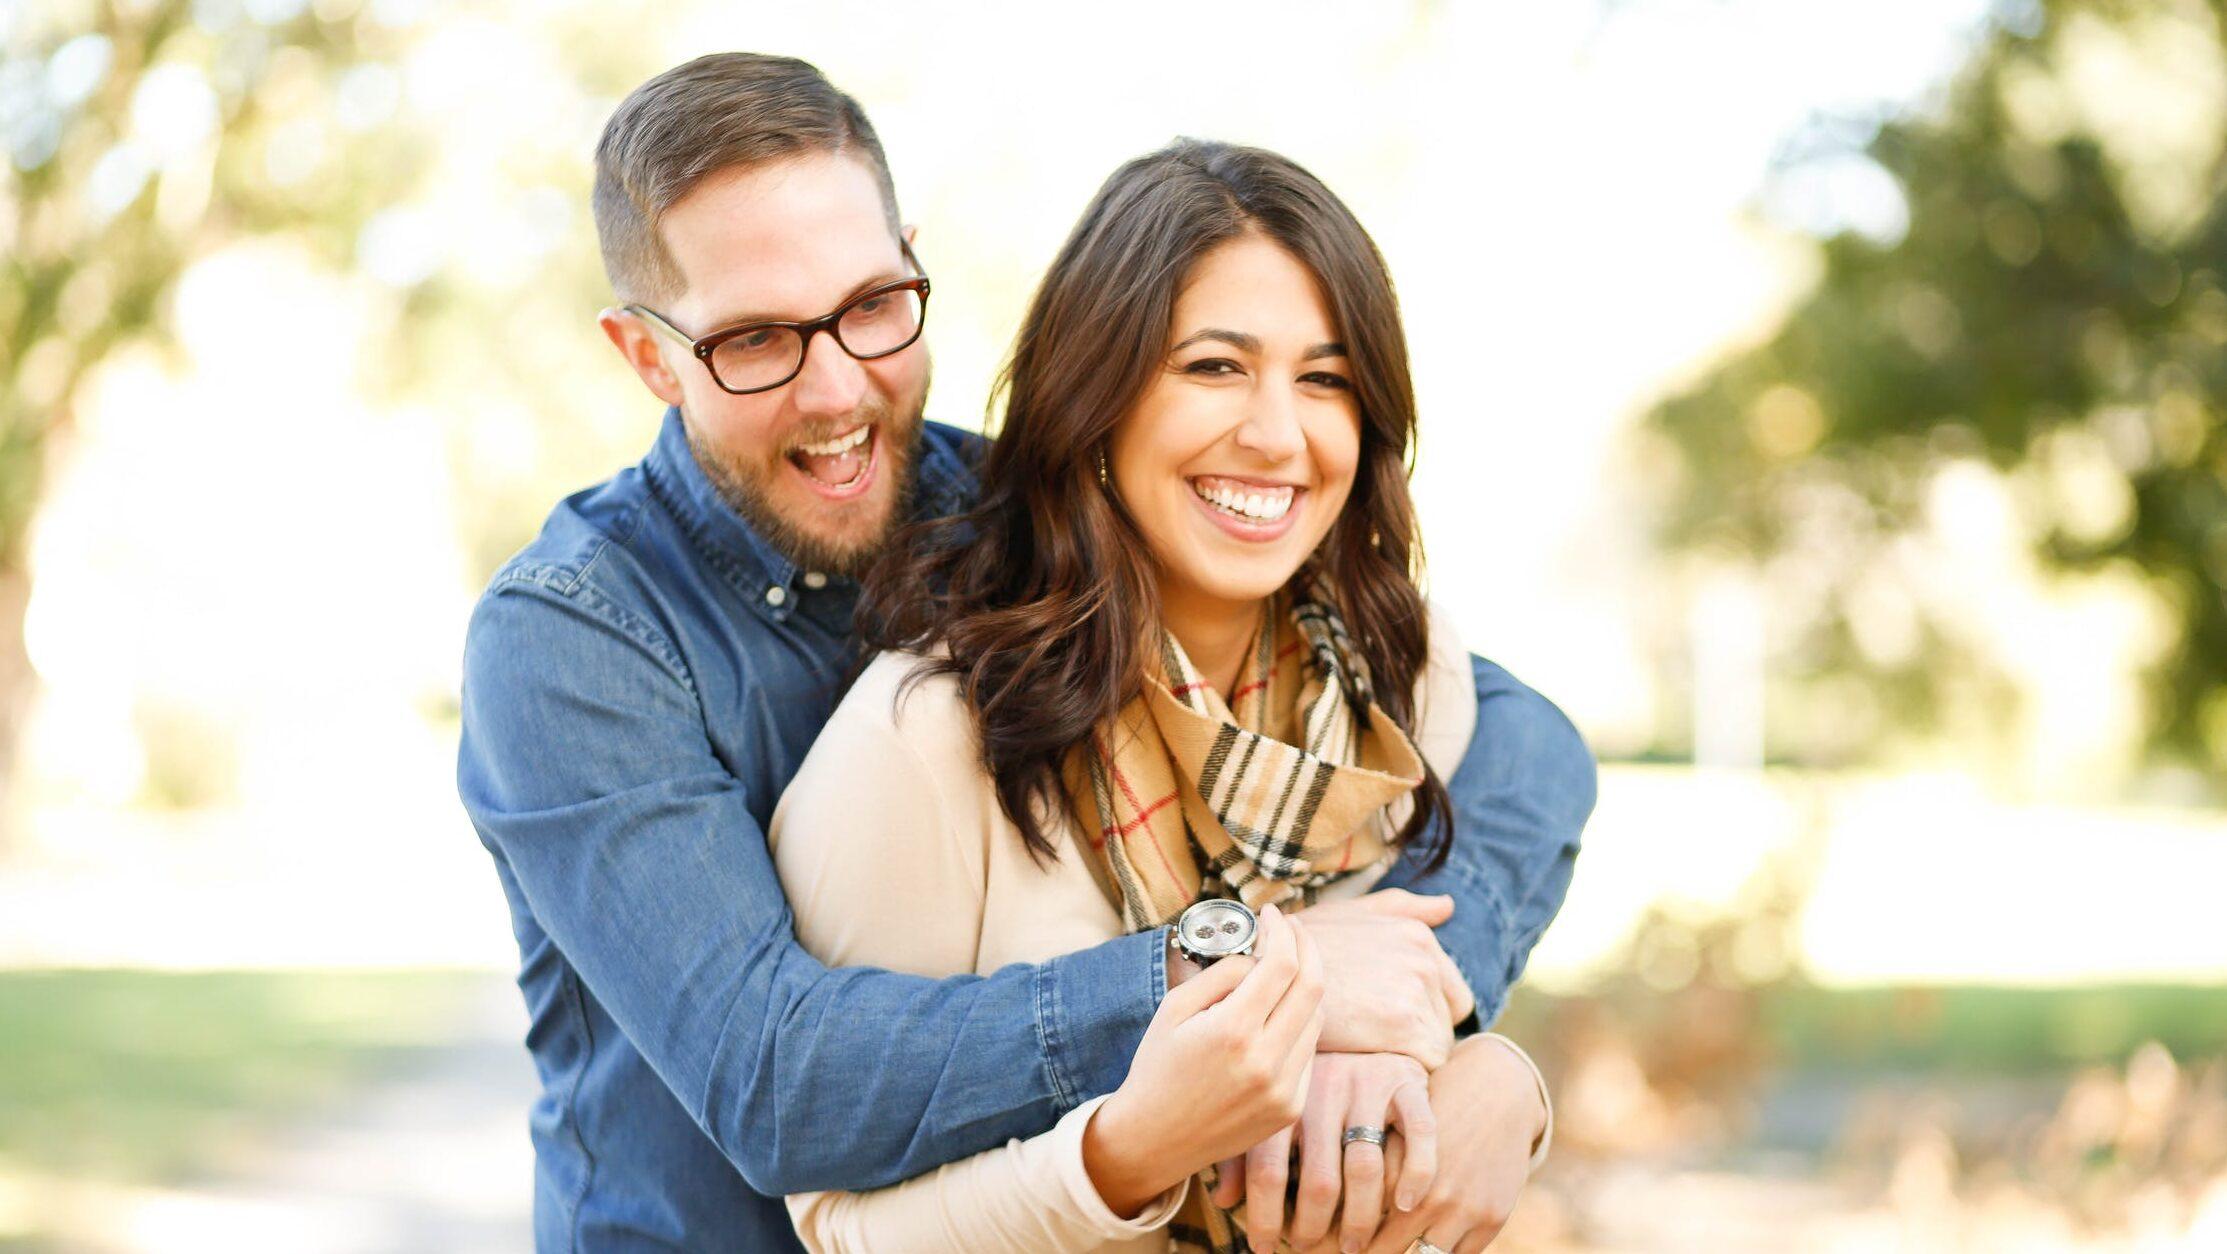 出産後の夫婦関係や夫婦生活がうまくいかない…改善策として1つだけ試して欲しいことのイメージ画像2